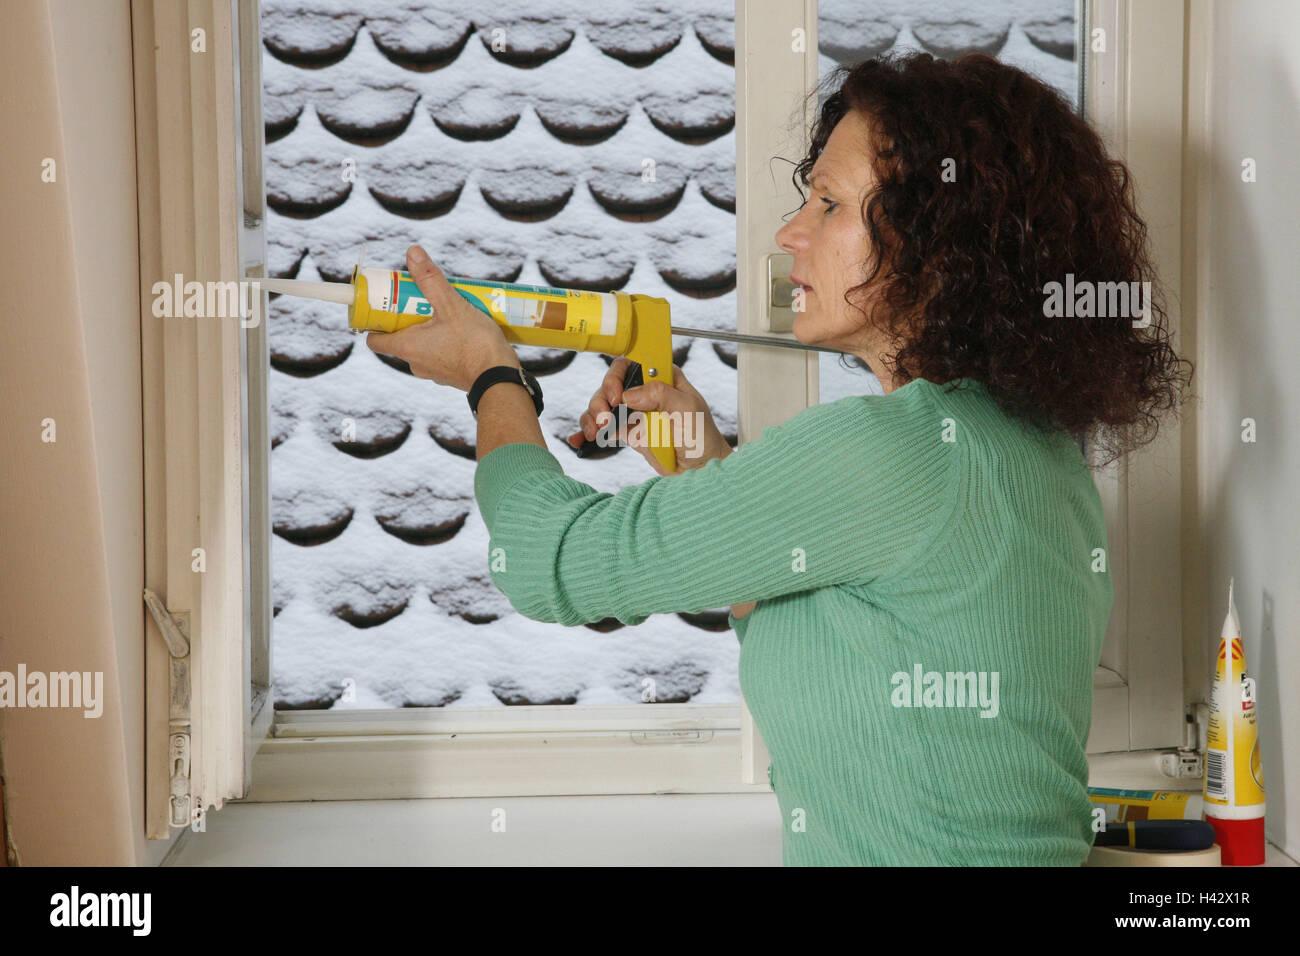 Mujer, jeringa de silicona, marco de la ventana, el sello, el modelo ...